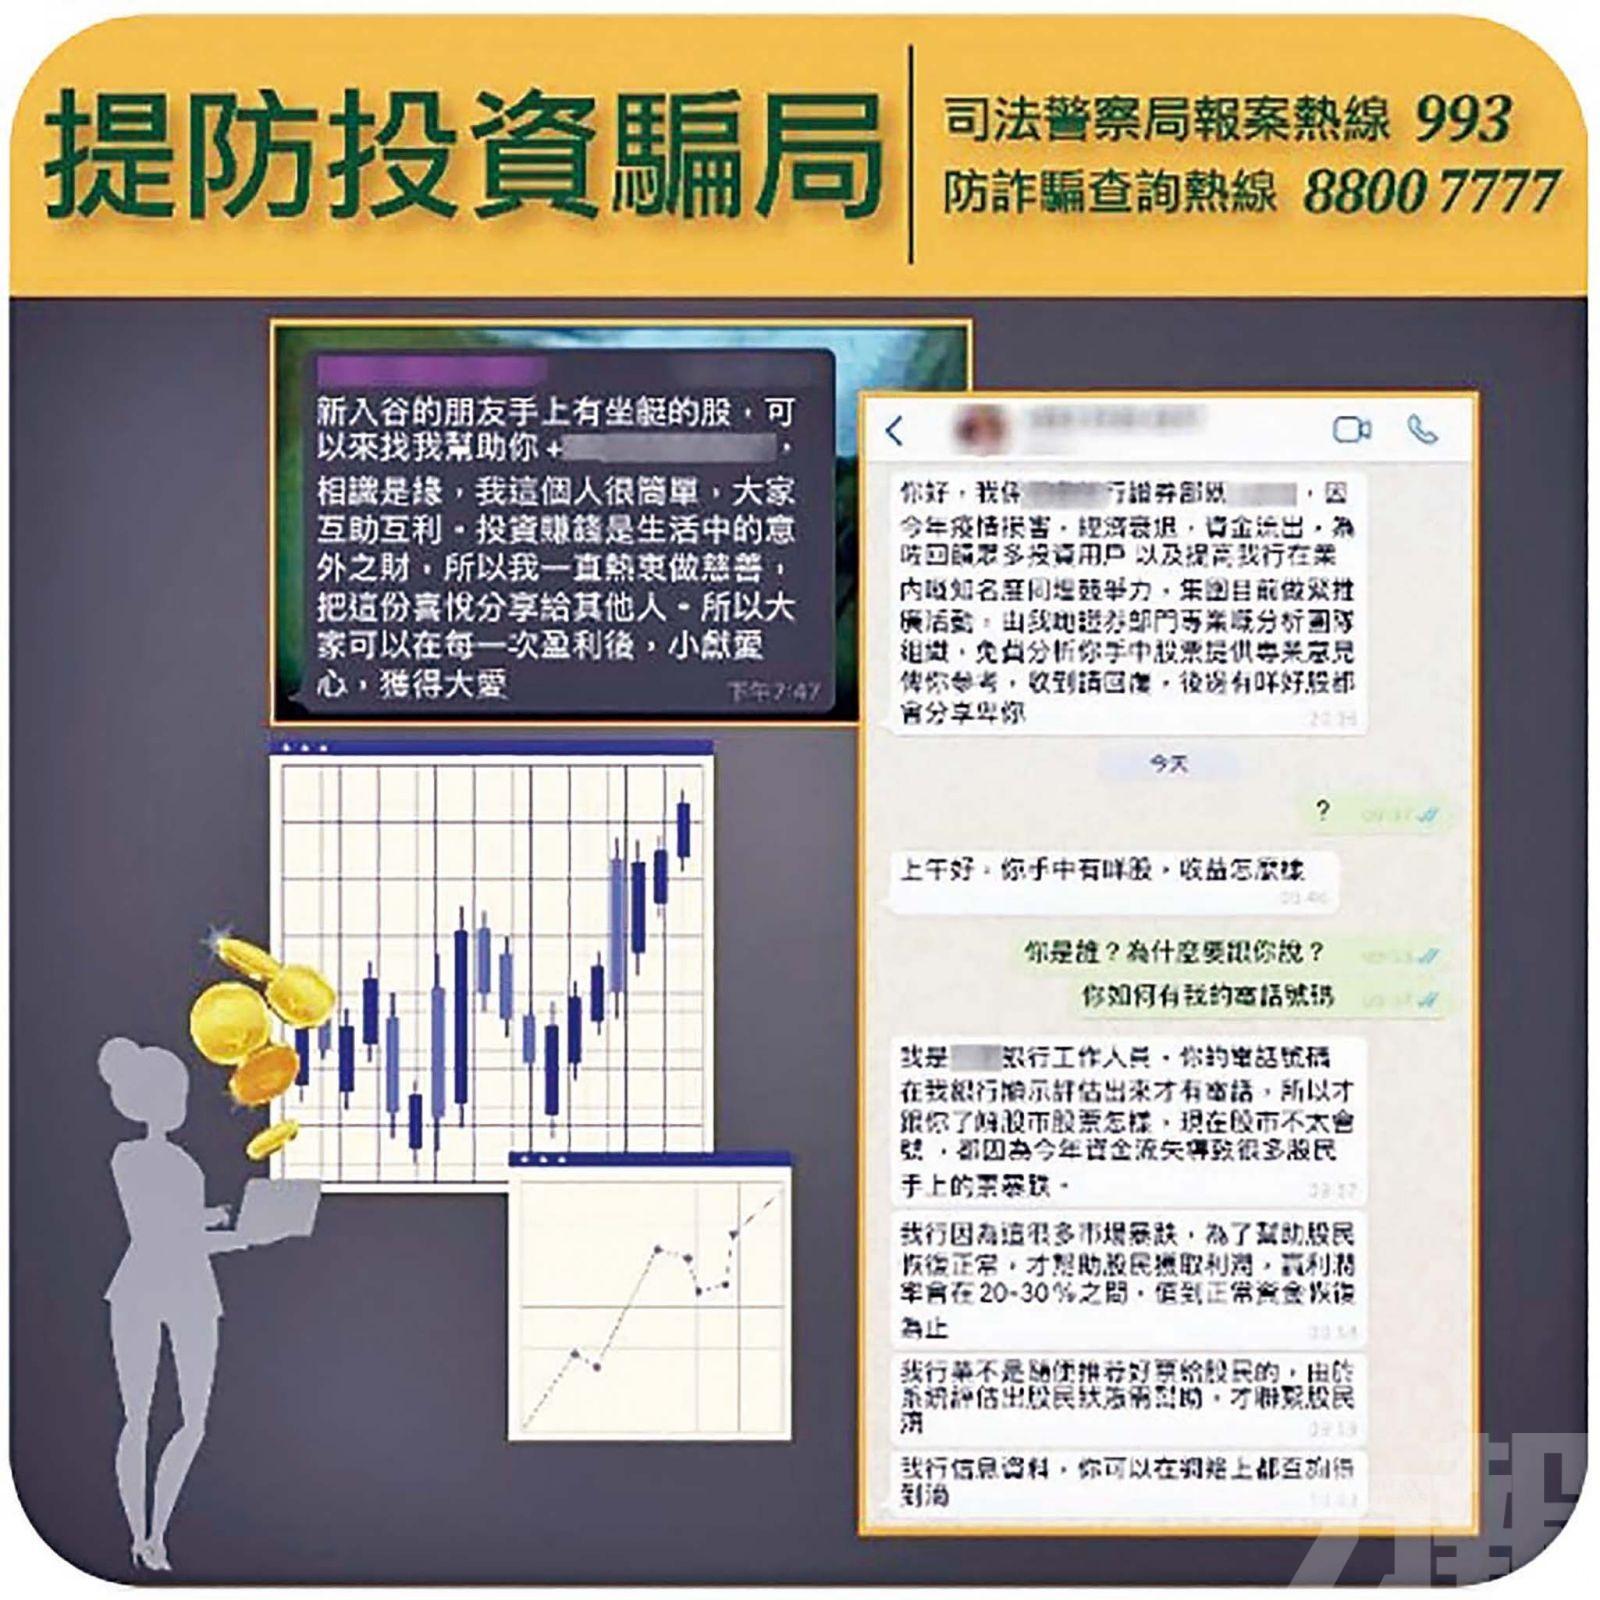 投資比特幣被騙22萬人民幣